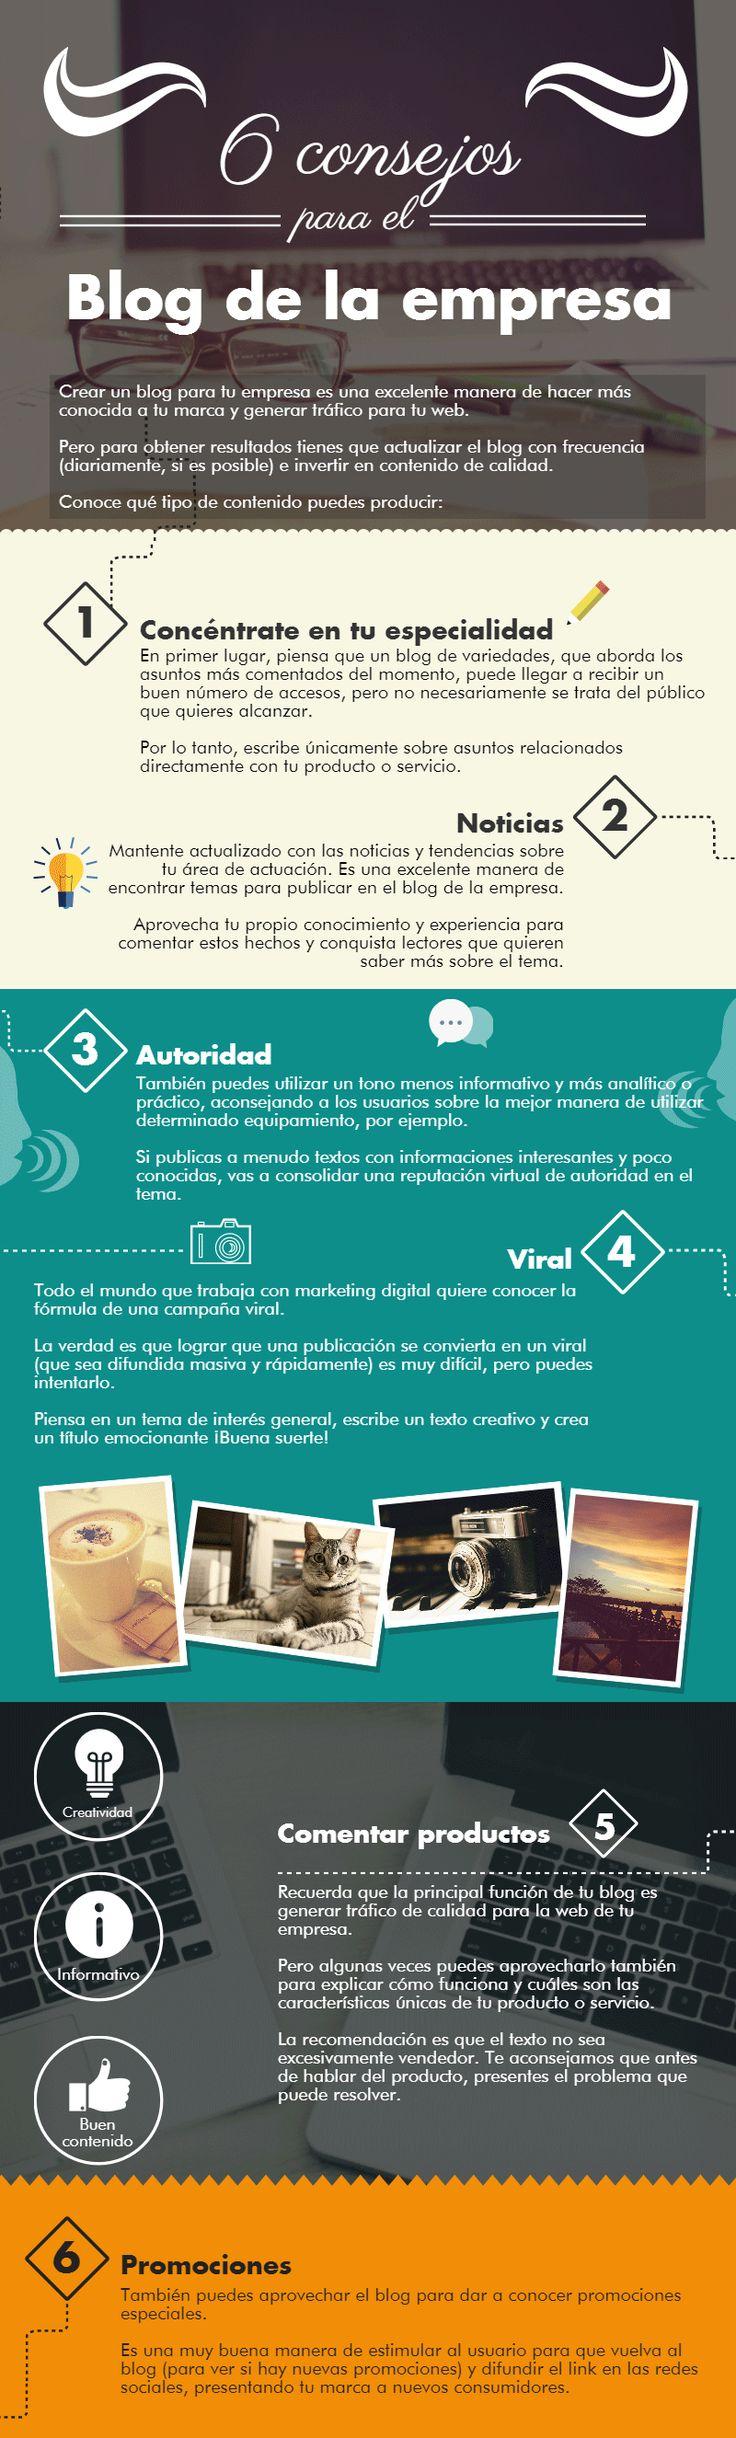 6 consejos para el Blog de la Empresa #infografia #infographic #socialmedia